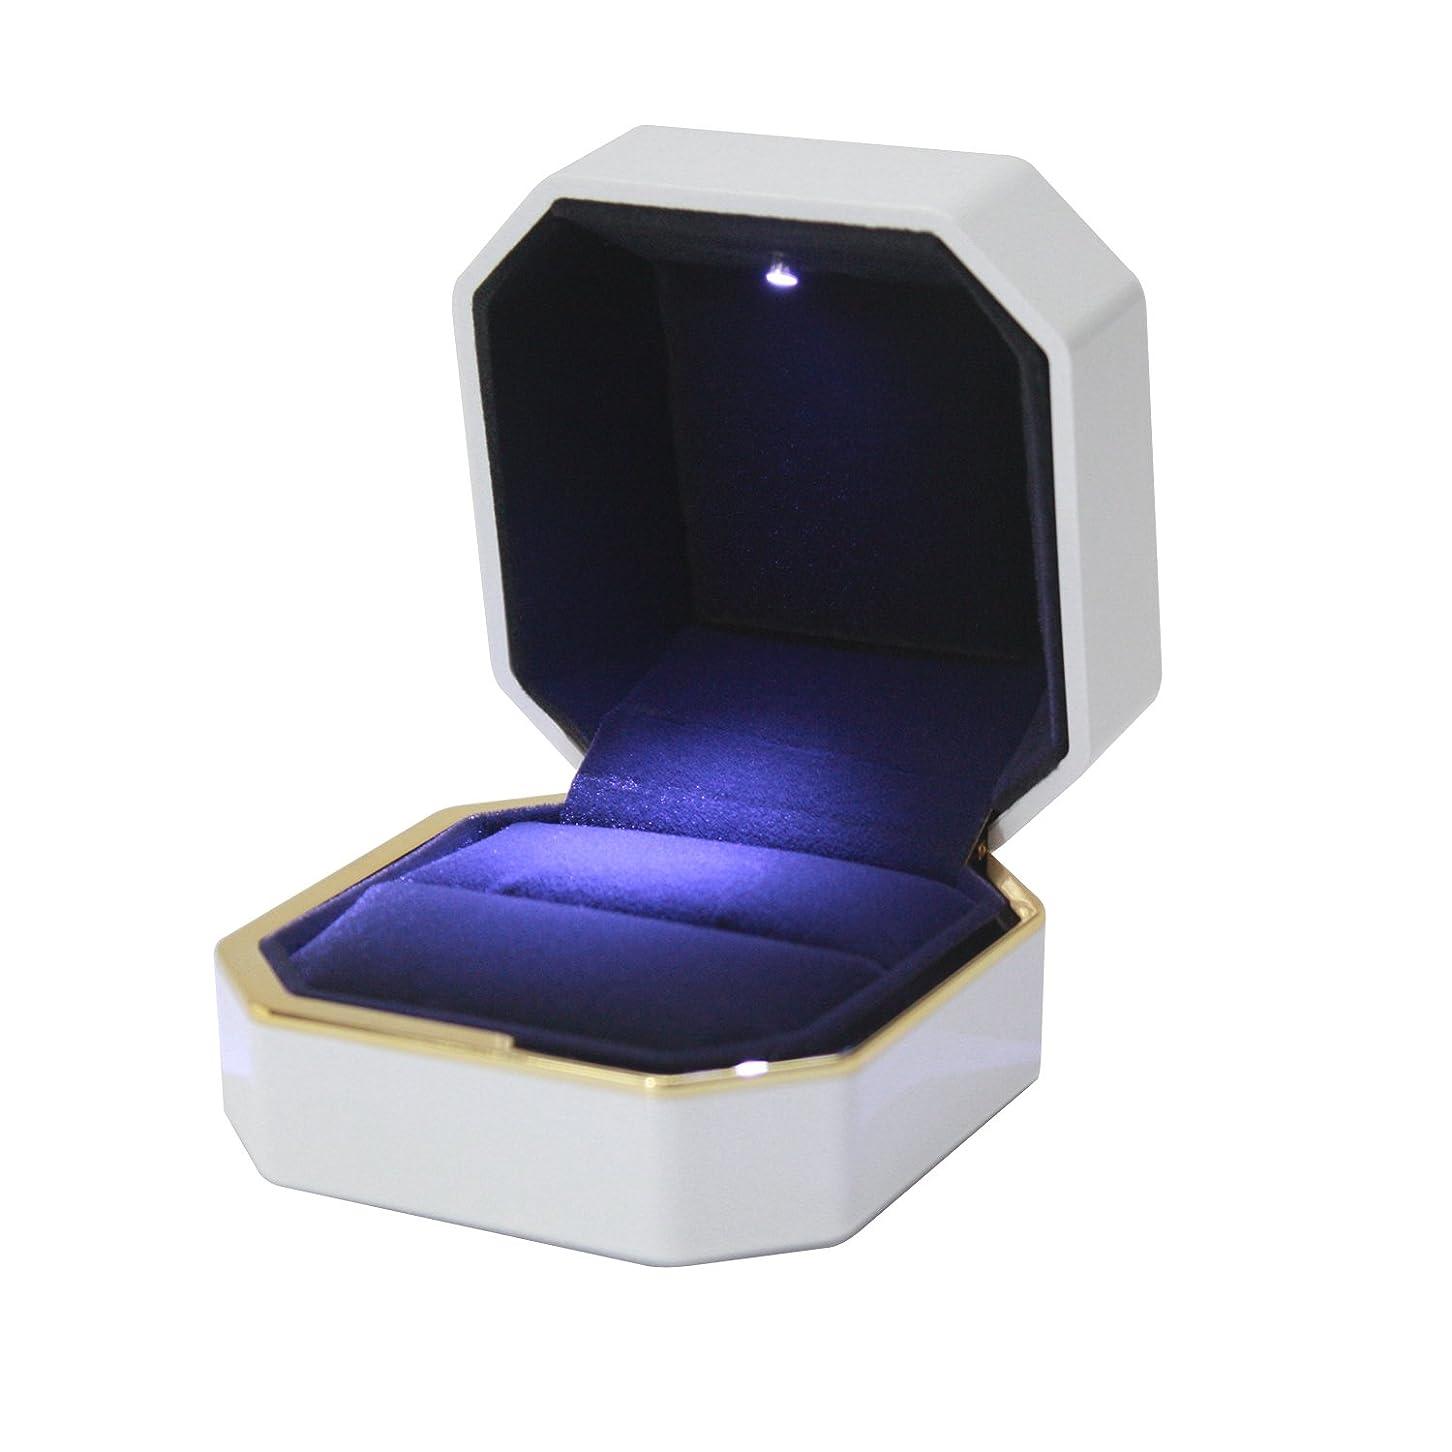 ワットメタン起点panaco リングケース 指輪を照らすLEDライト付 サプライズ プレゼント 大切な指輪の保管に 指輪ケース ジュエリーケース (ホワイト)